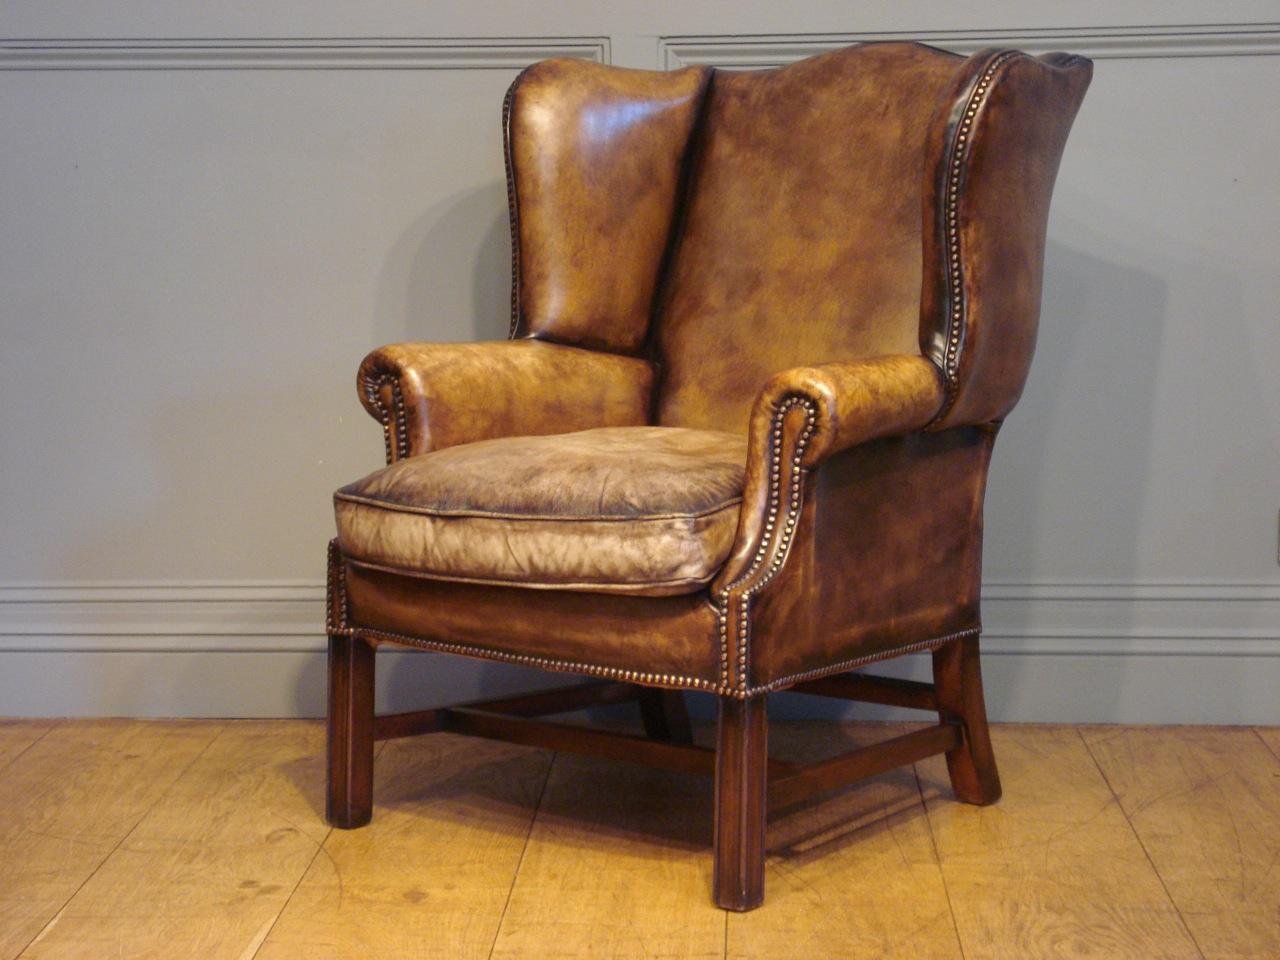 Кожаное кресло на деревянных ножках